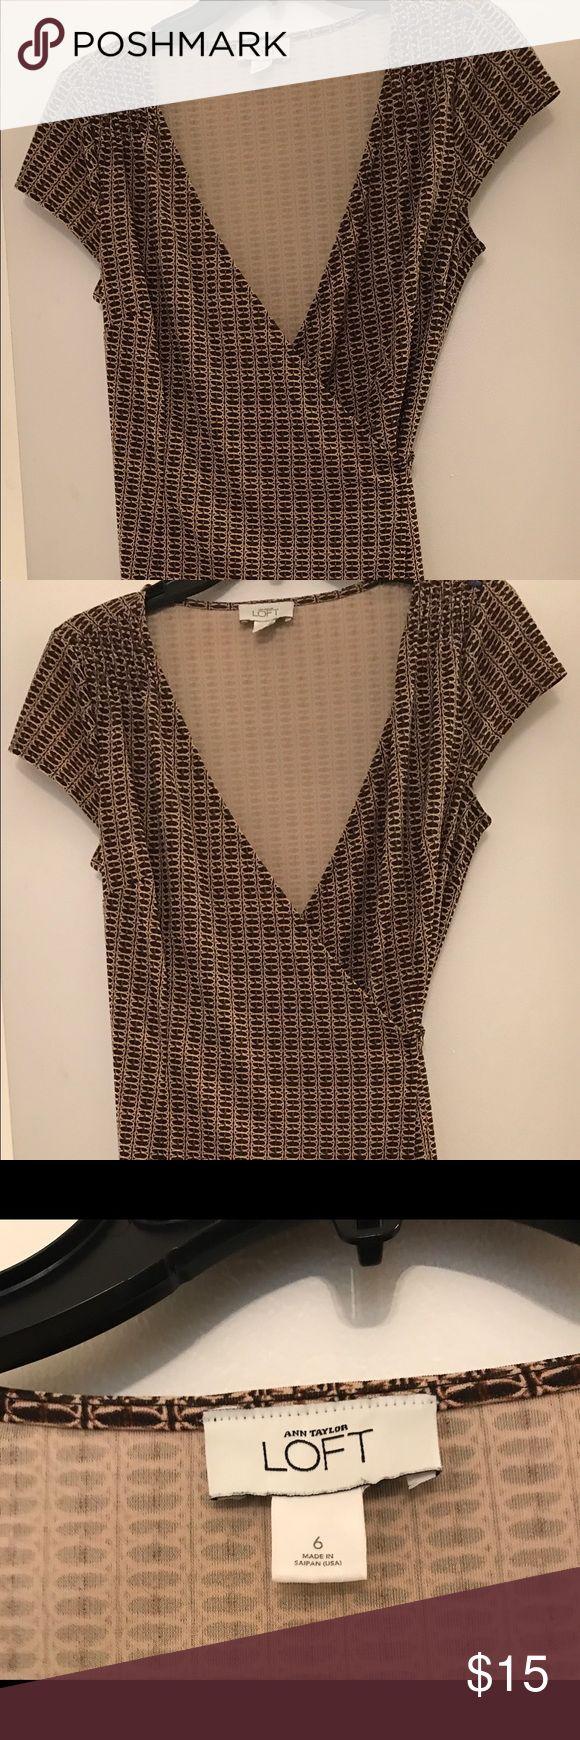 Anne Taylor Loft Wrap brown/bone dress size 6 Ann Taylor Loft wrap dress size 6 Ann Taylor Dresses